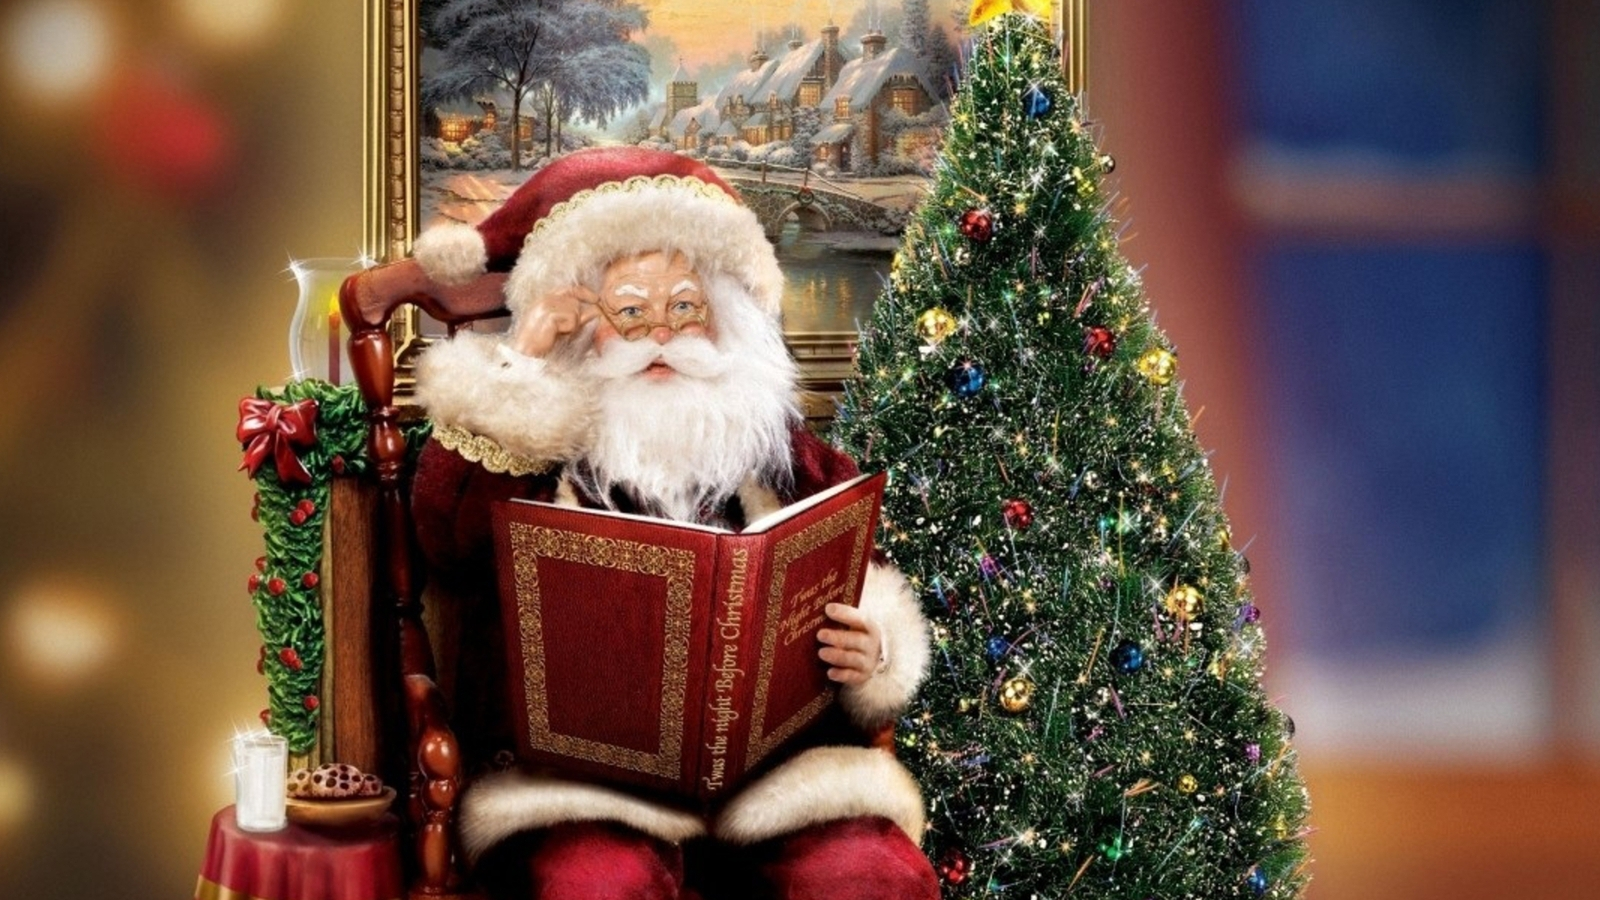 Домашний дед Мороз - C наступающим новым годом 2017 поздравительные картинки